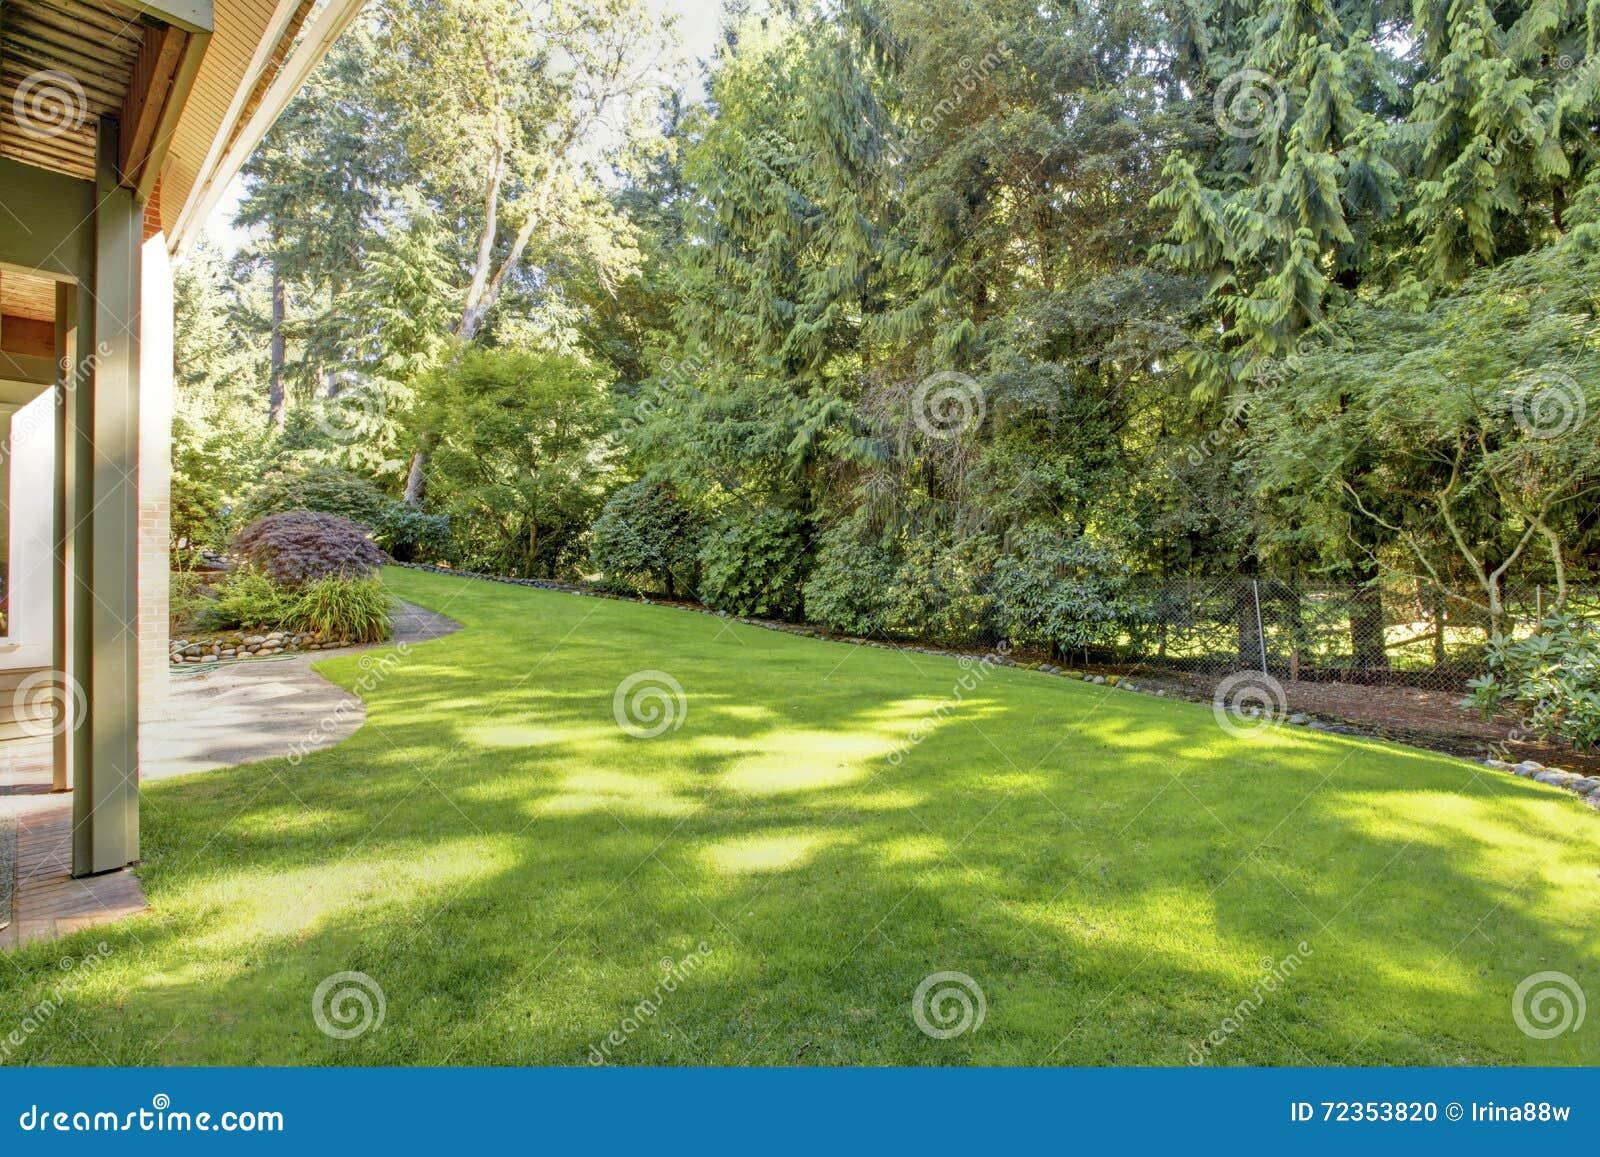 有美丽的草坪的绿色弹簧恢复围场